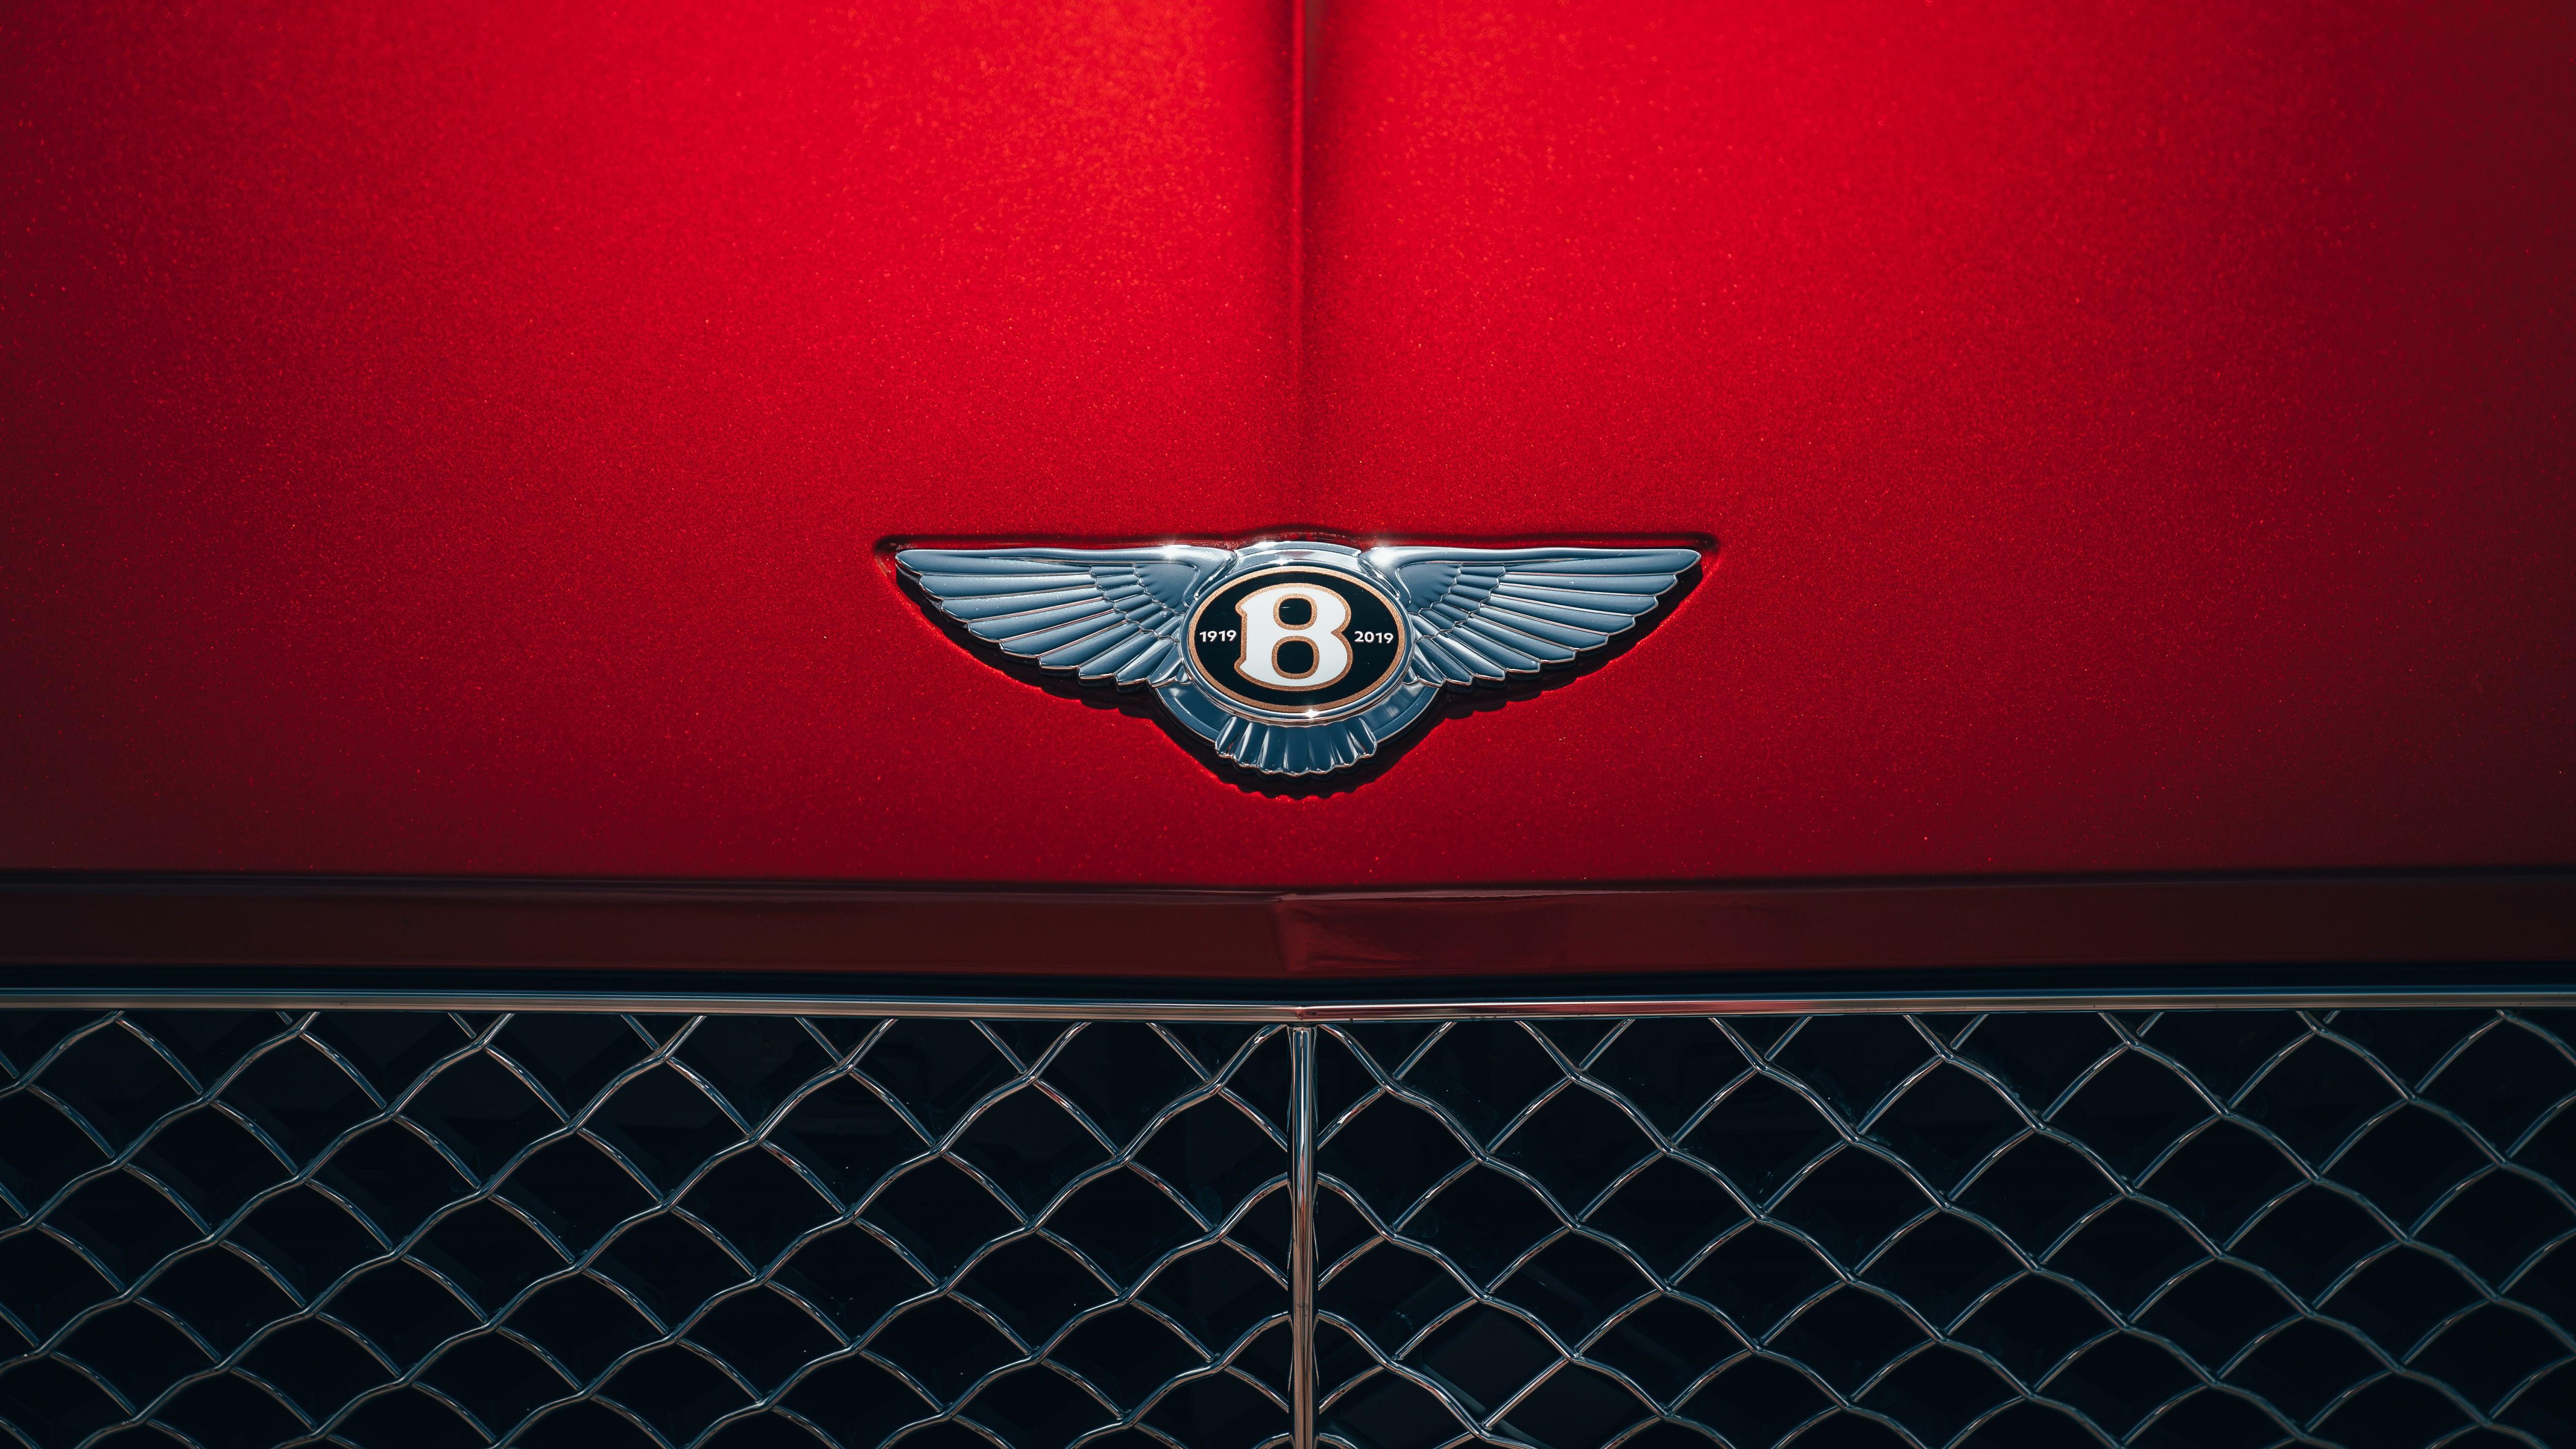 Bentley Speed 6 >> 2020 Bentley Logo Wallpaper | HD Car Wallpapers | ID #12770